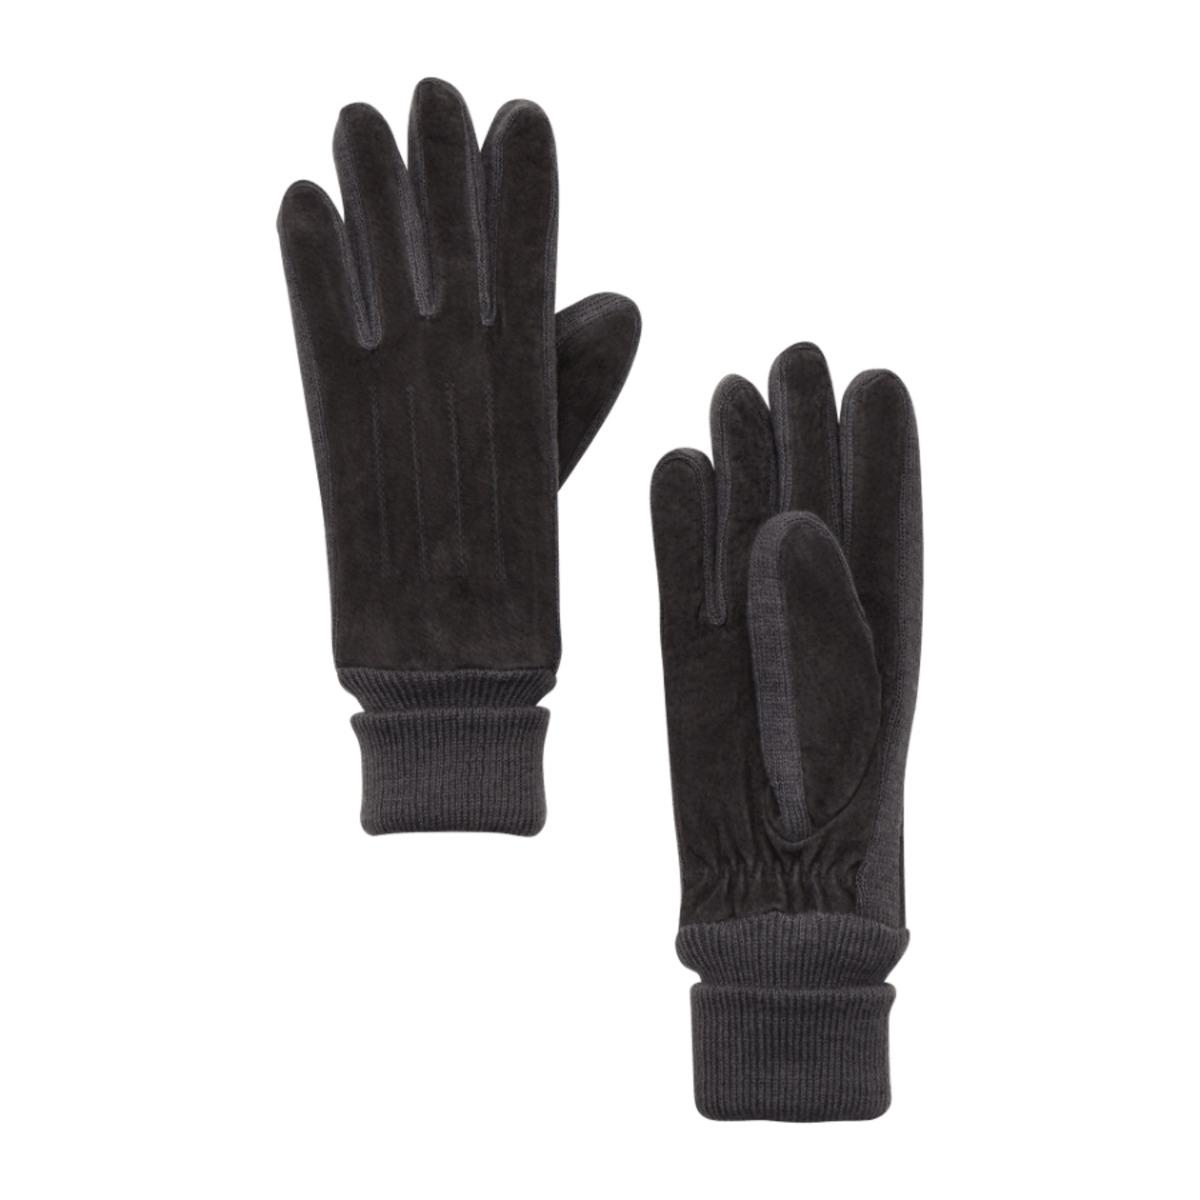 Bild 3 von ROYAL LIFE     Veloursleder-Handschuhe